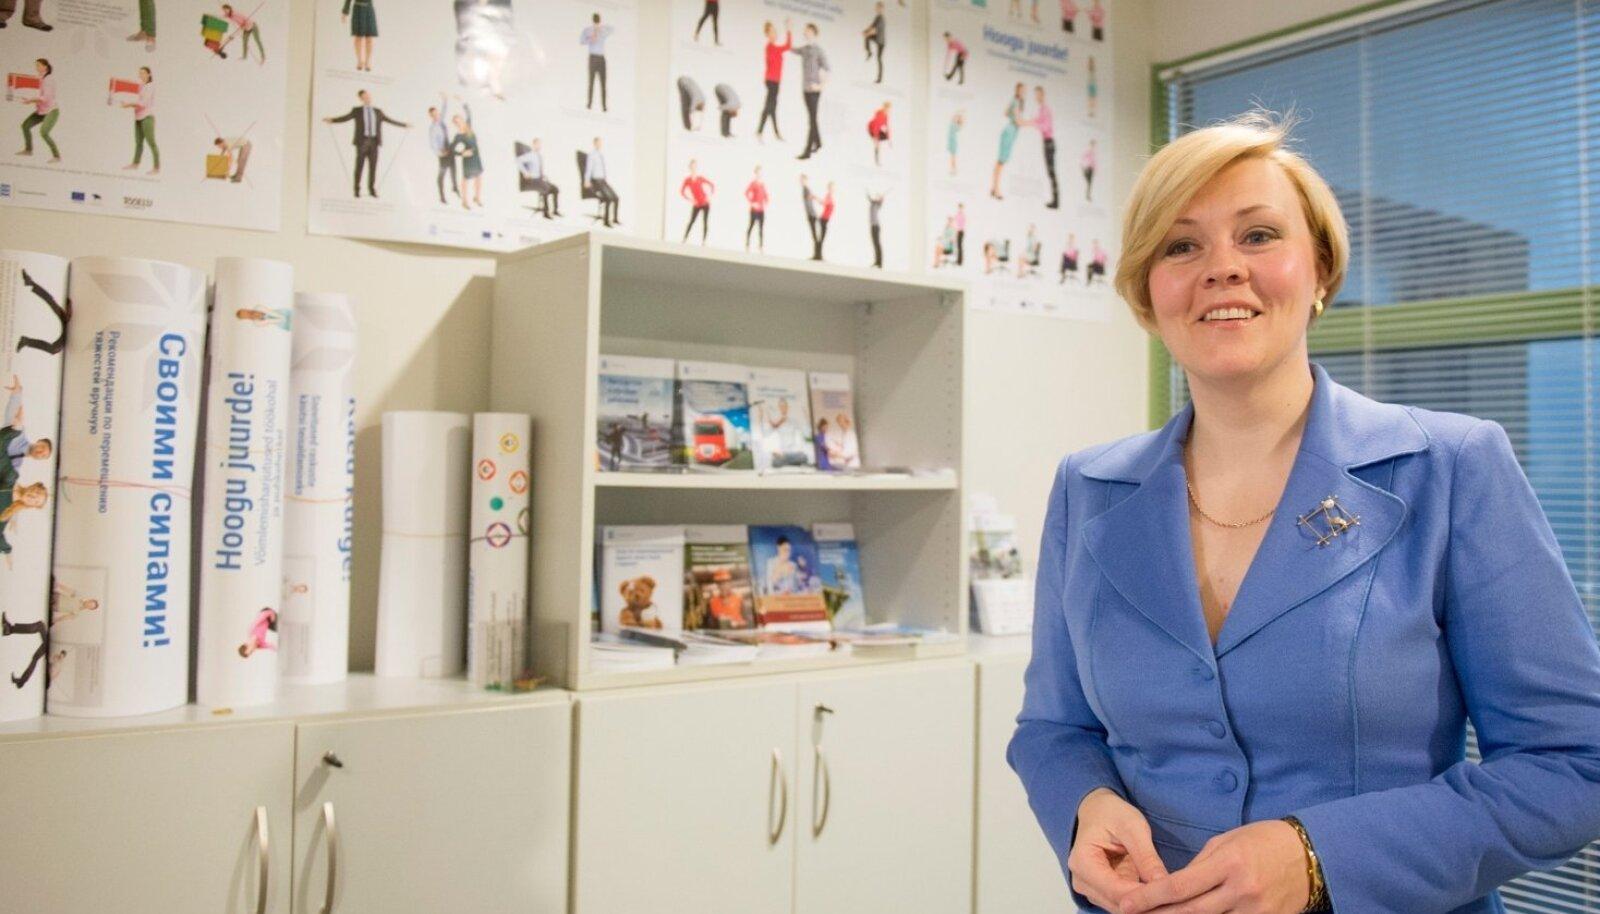 Tööinspektsiooni peadirektor Maret Maripuu ütleb, et riik peaks tööohutuse väärtustamisel eeskuju näitama.